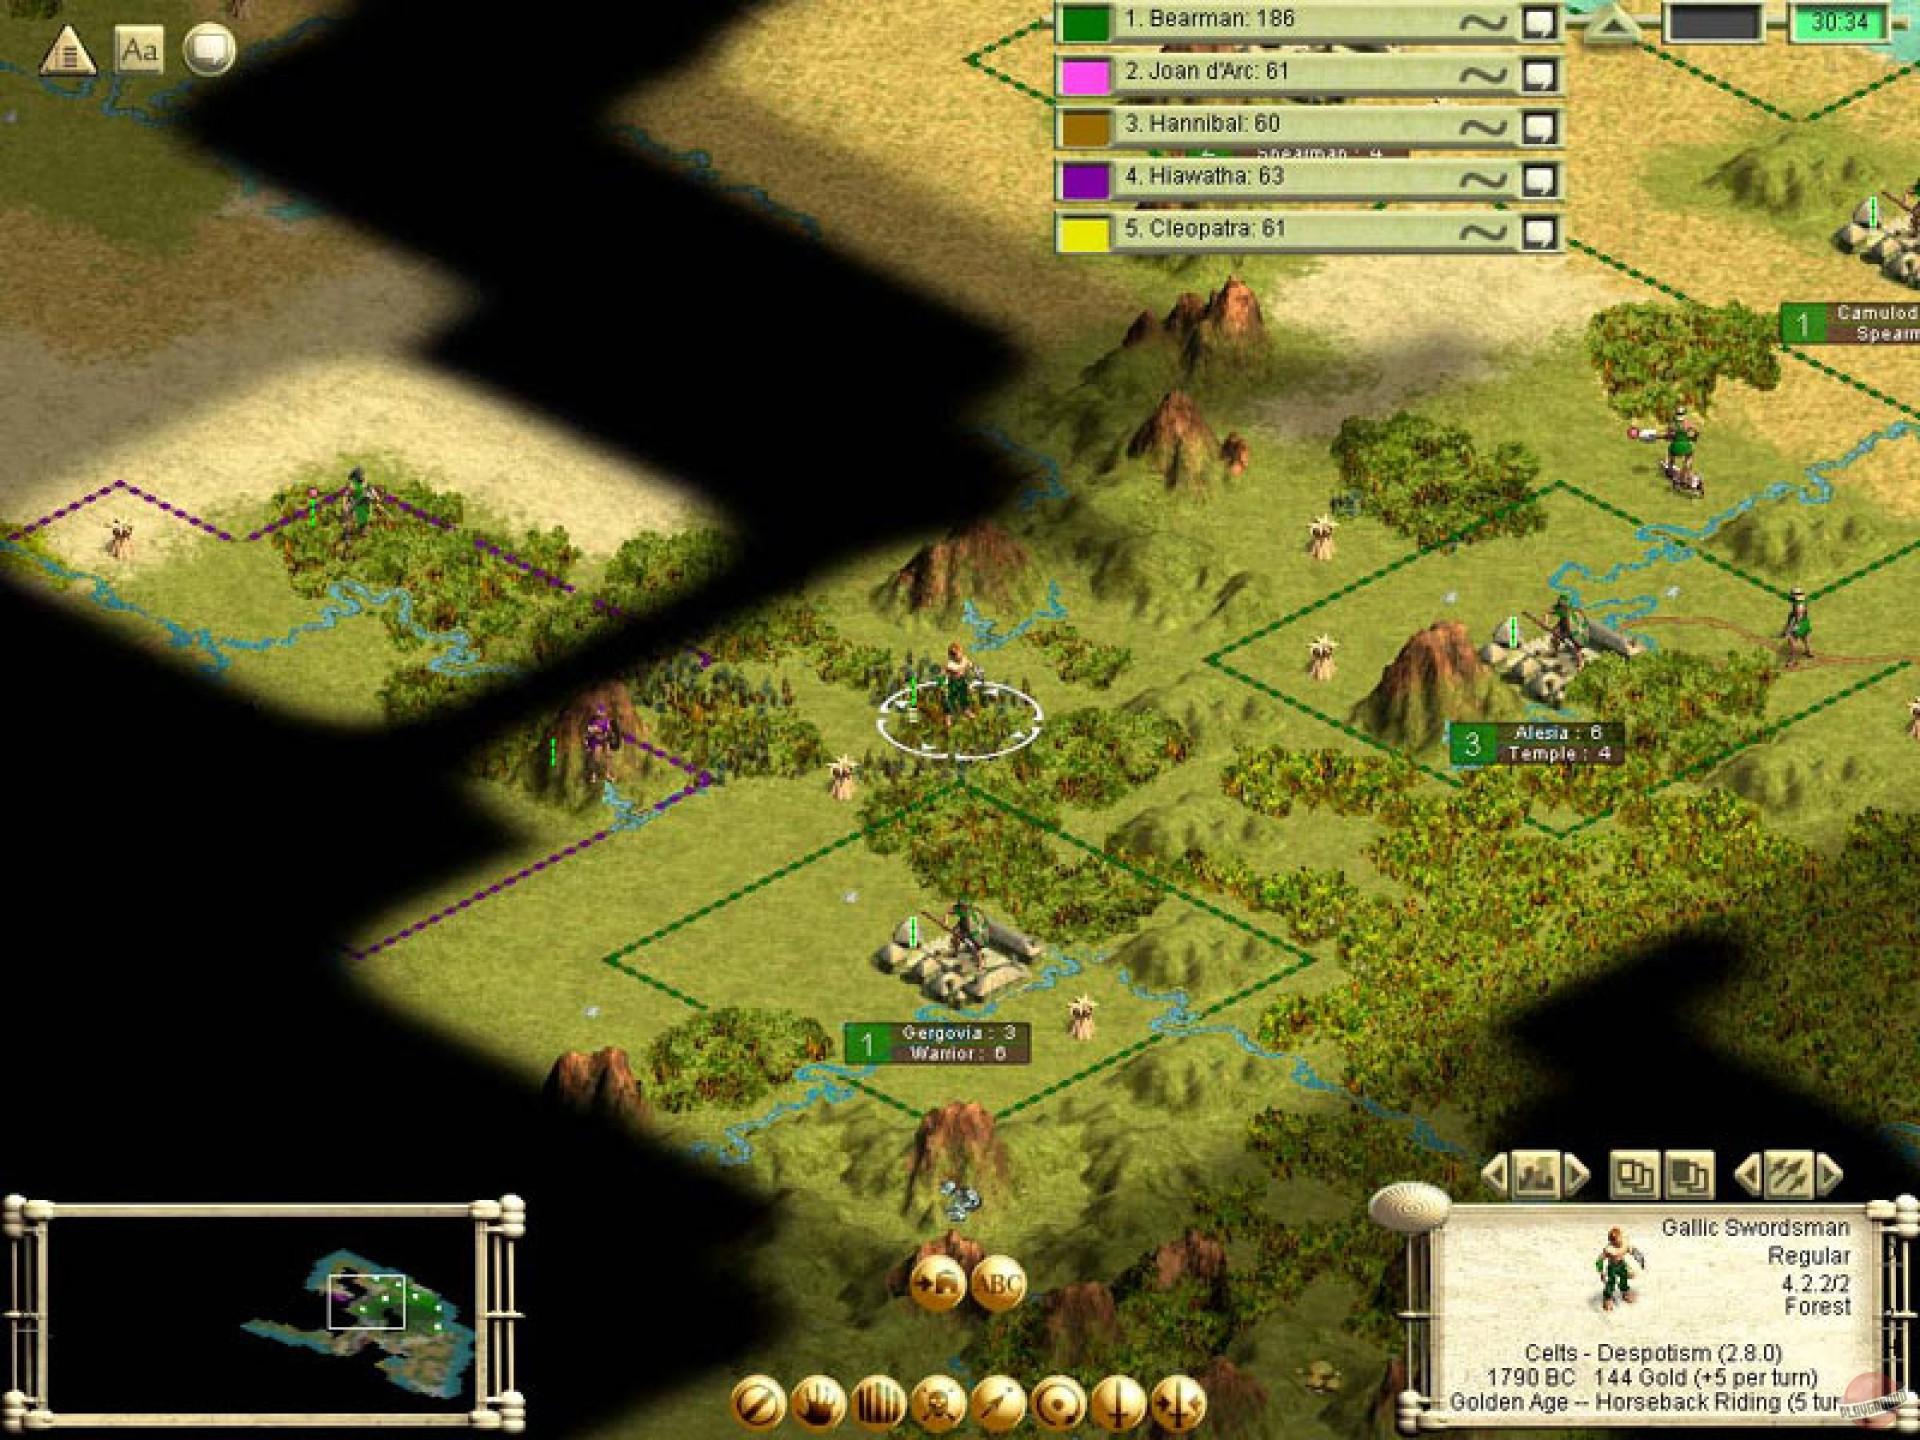 Игра civilization 3 cheats - 9022